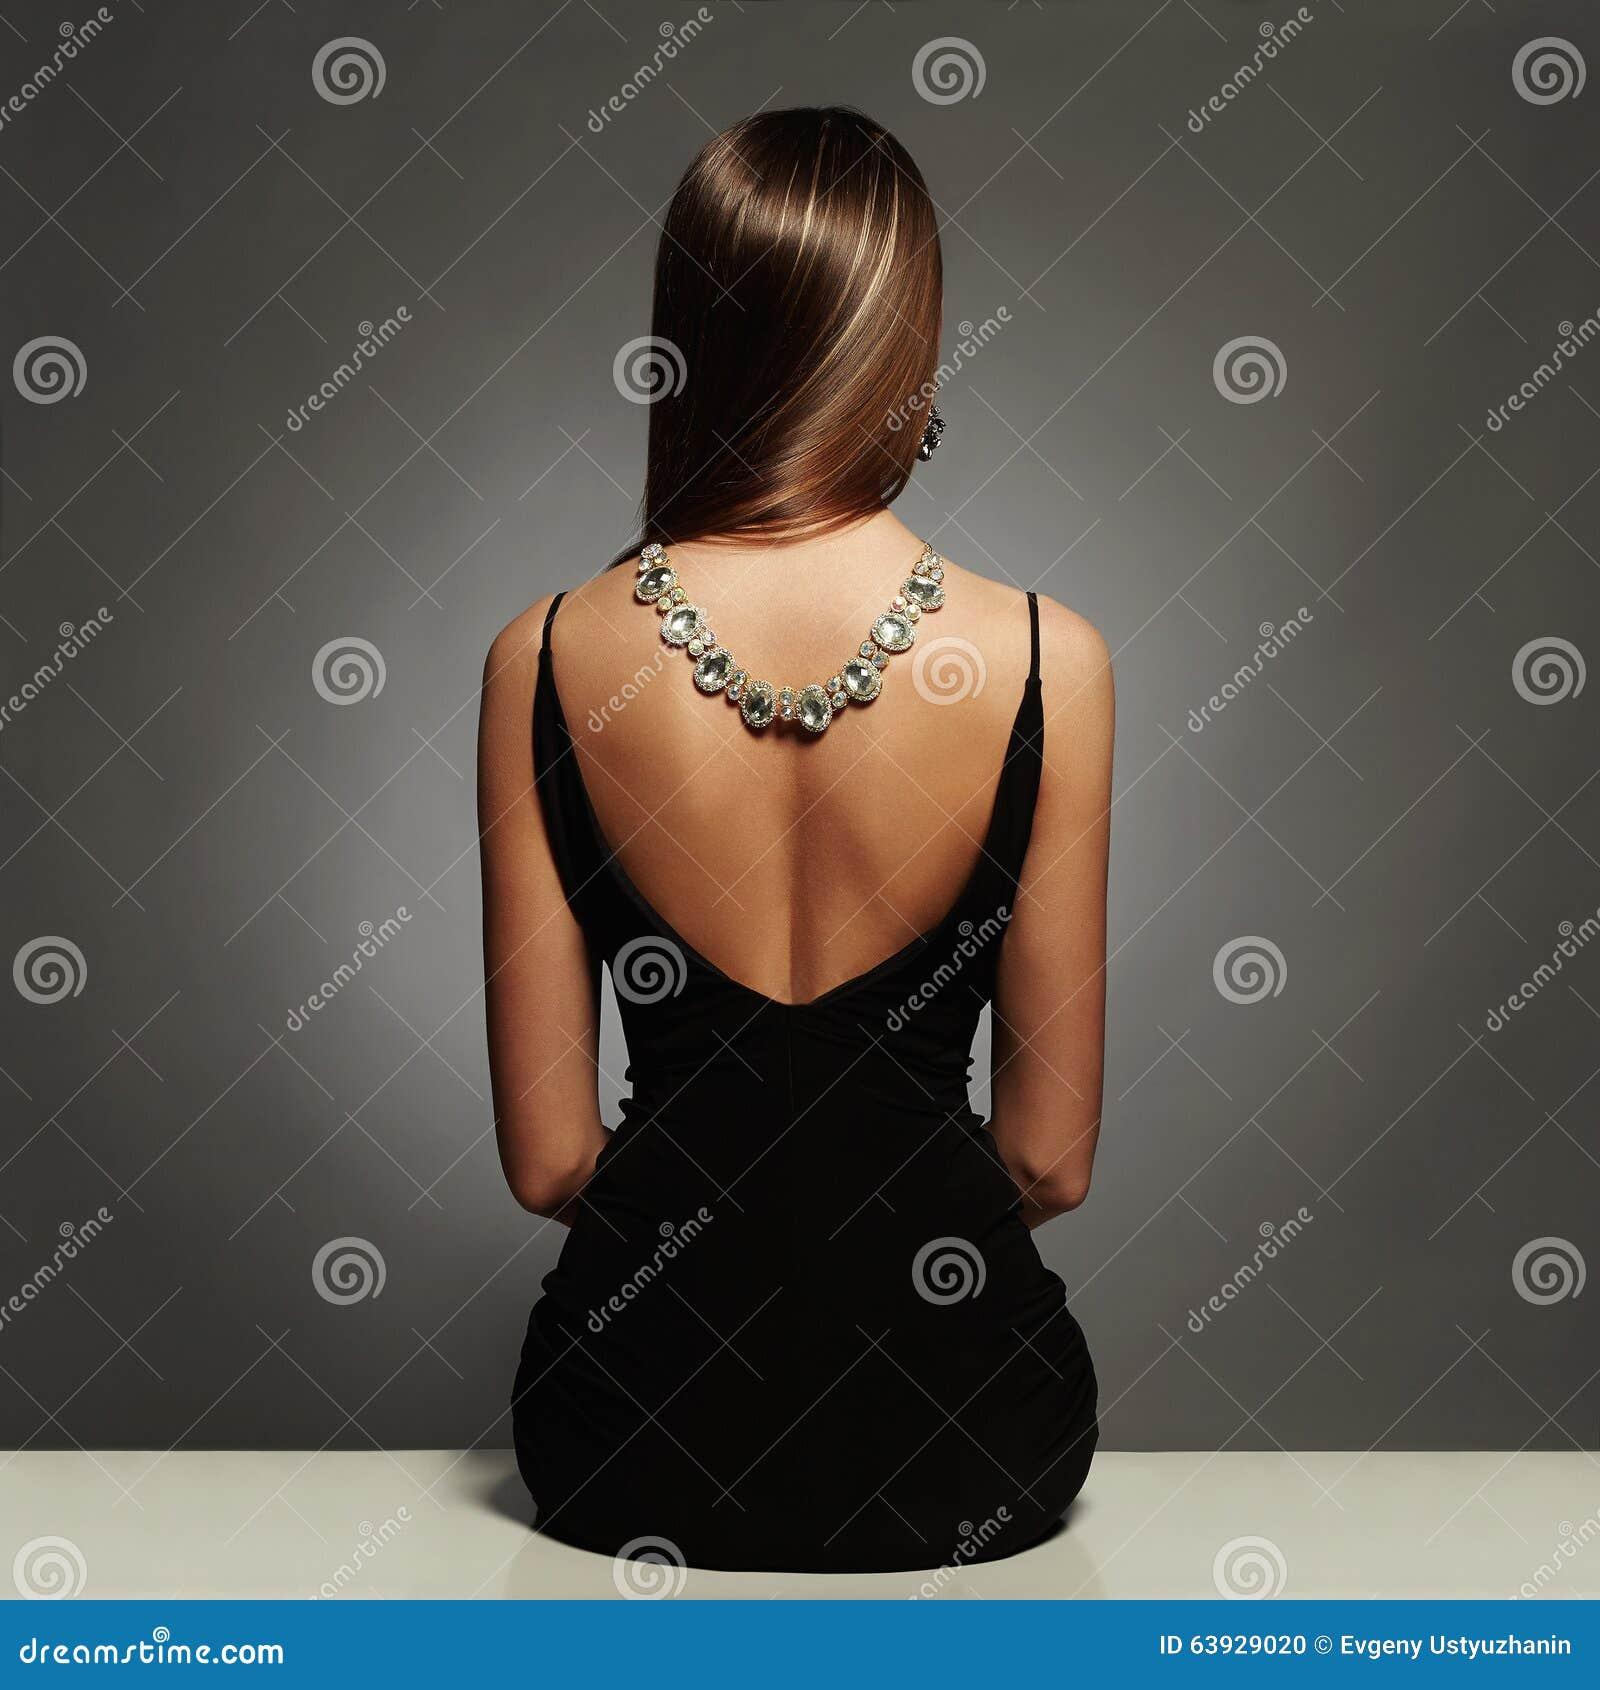 Piękny plecy młoda kobieta w czarnej seksownej sukni luz piękno brunetki dziewczyny siedząca dziewczyna z kolią na ona z powrotem